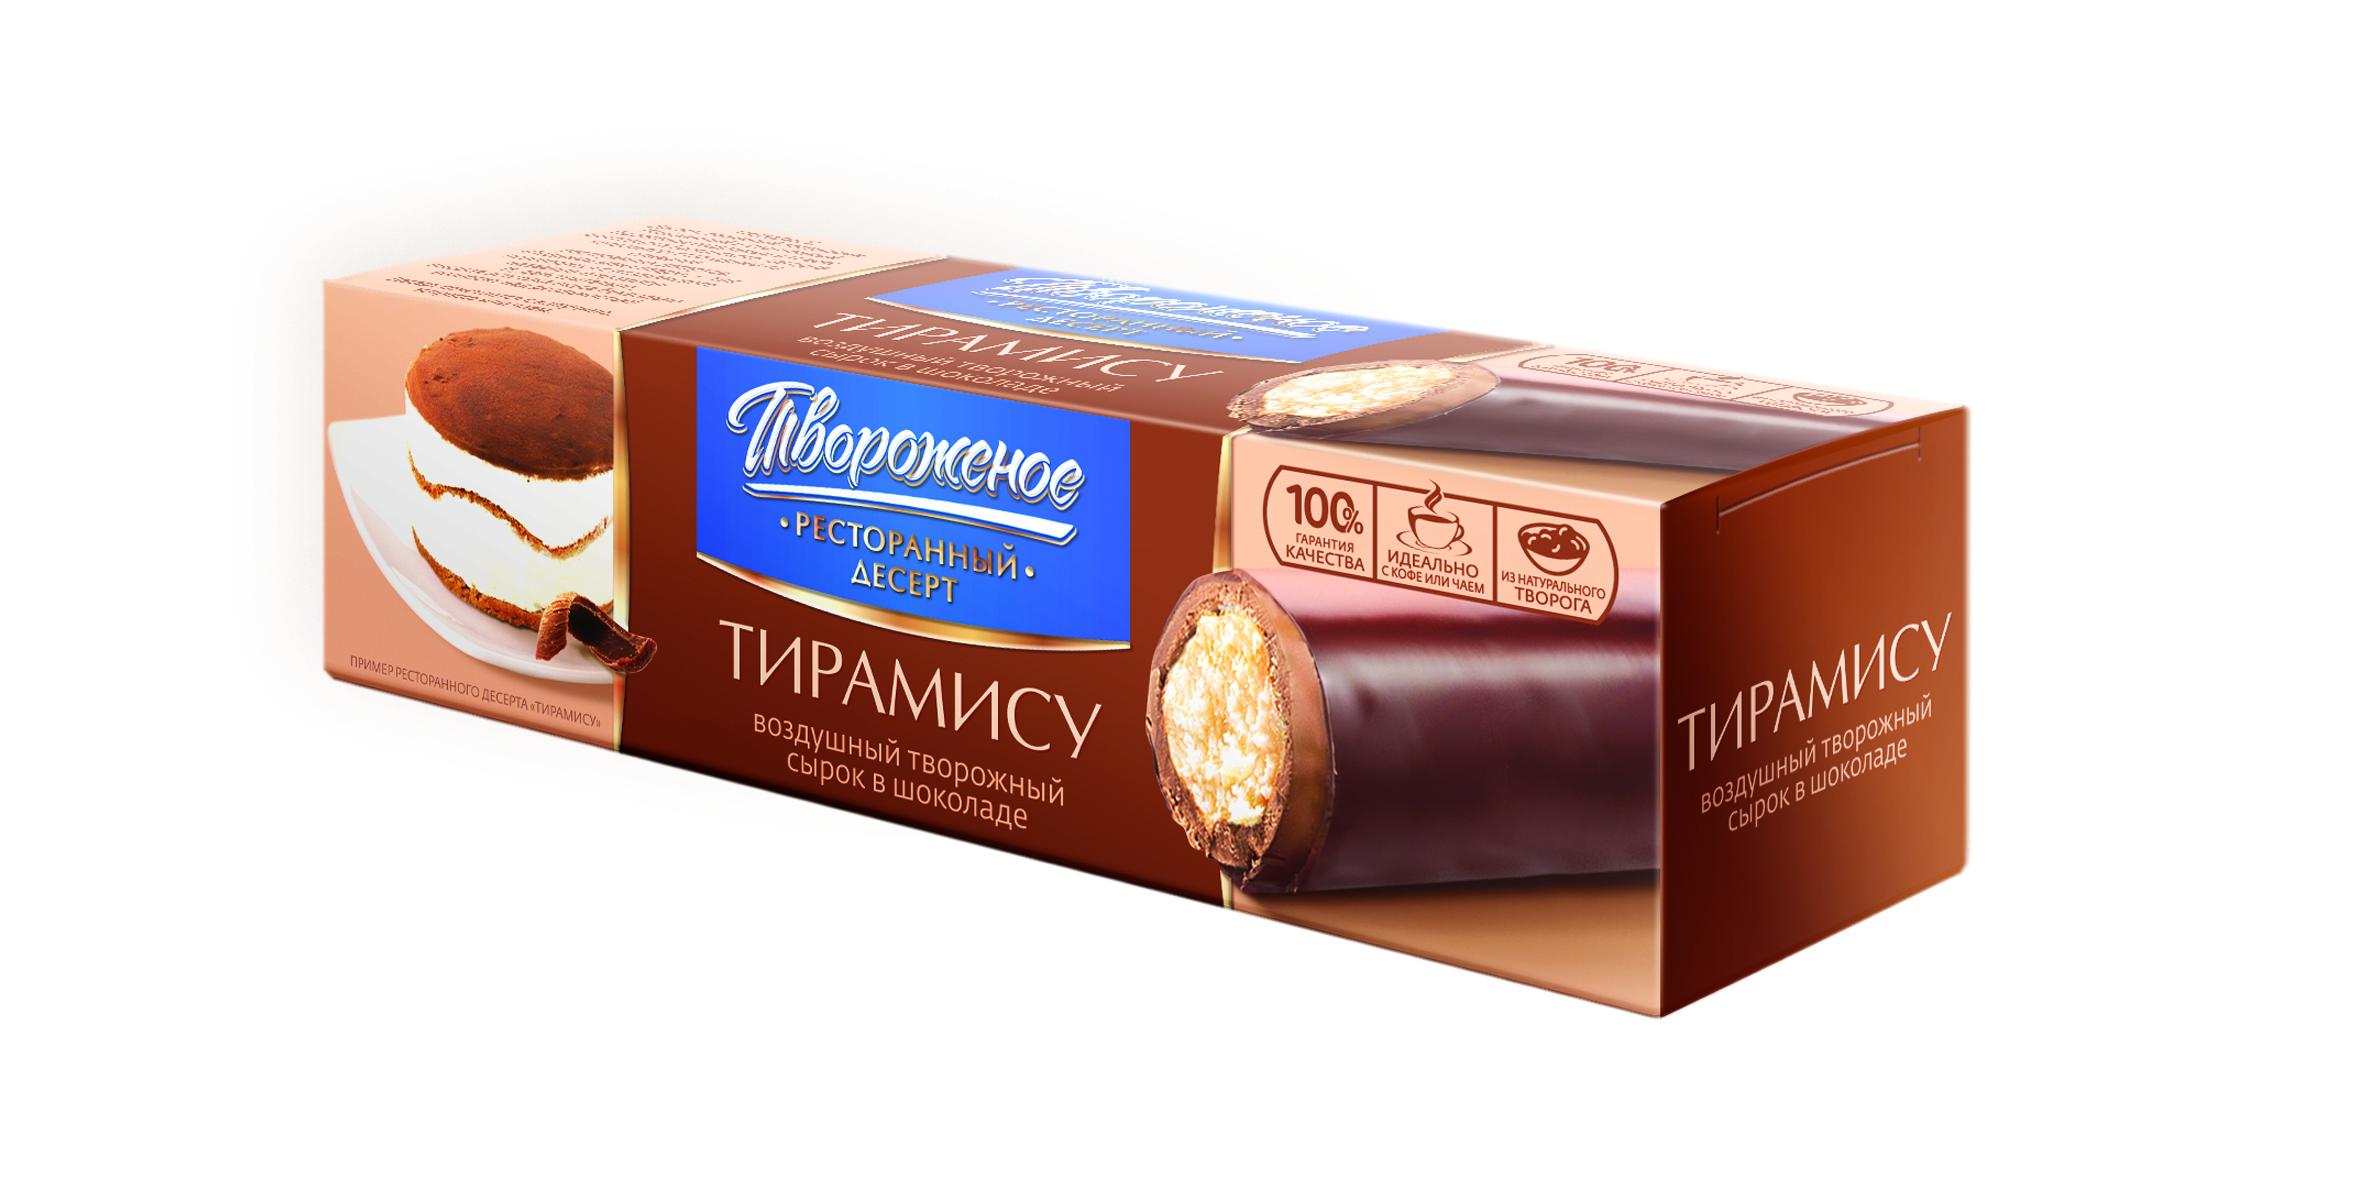 Твороженое Ресторанный десерт Тирамису воздушный творожный сырок в шоколаде 15%, 55 г диет марка отруби хрустящие 28 ржаные бородинские 100 г